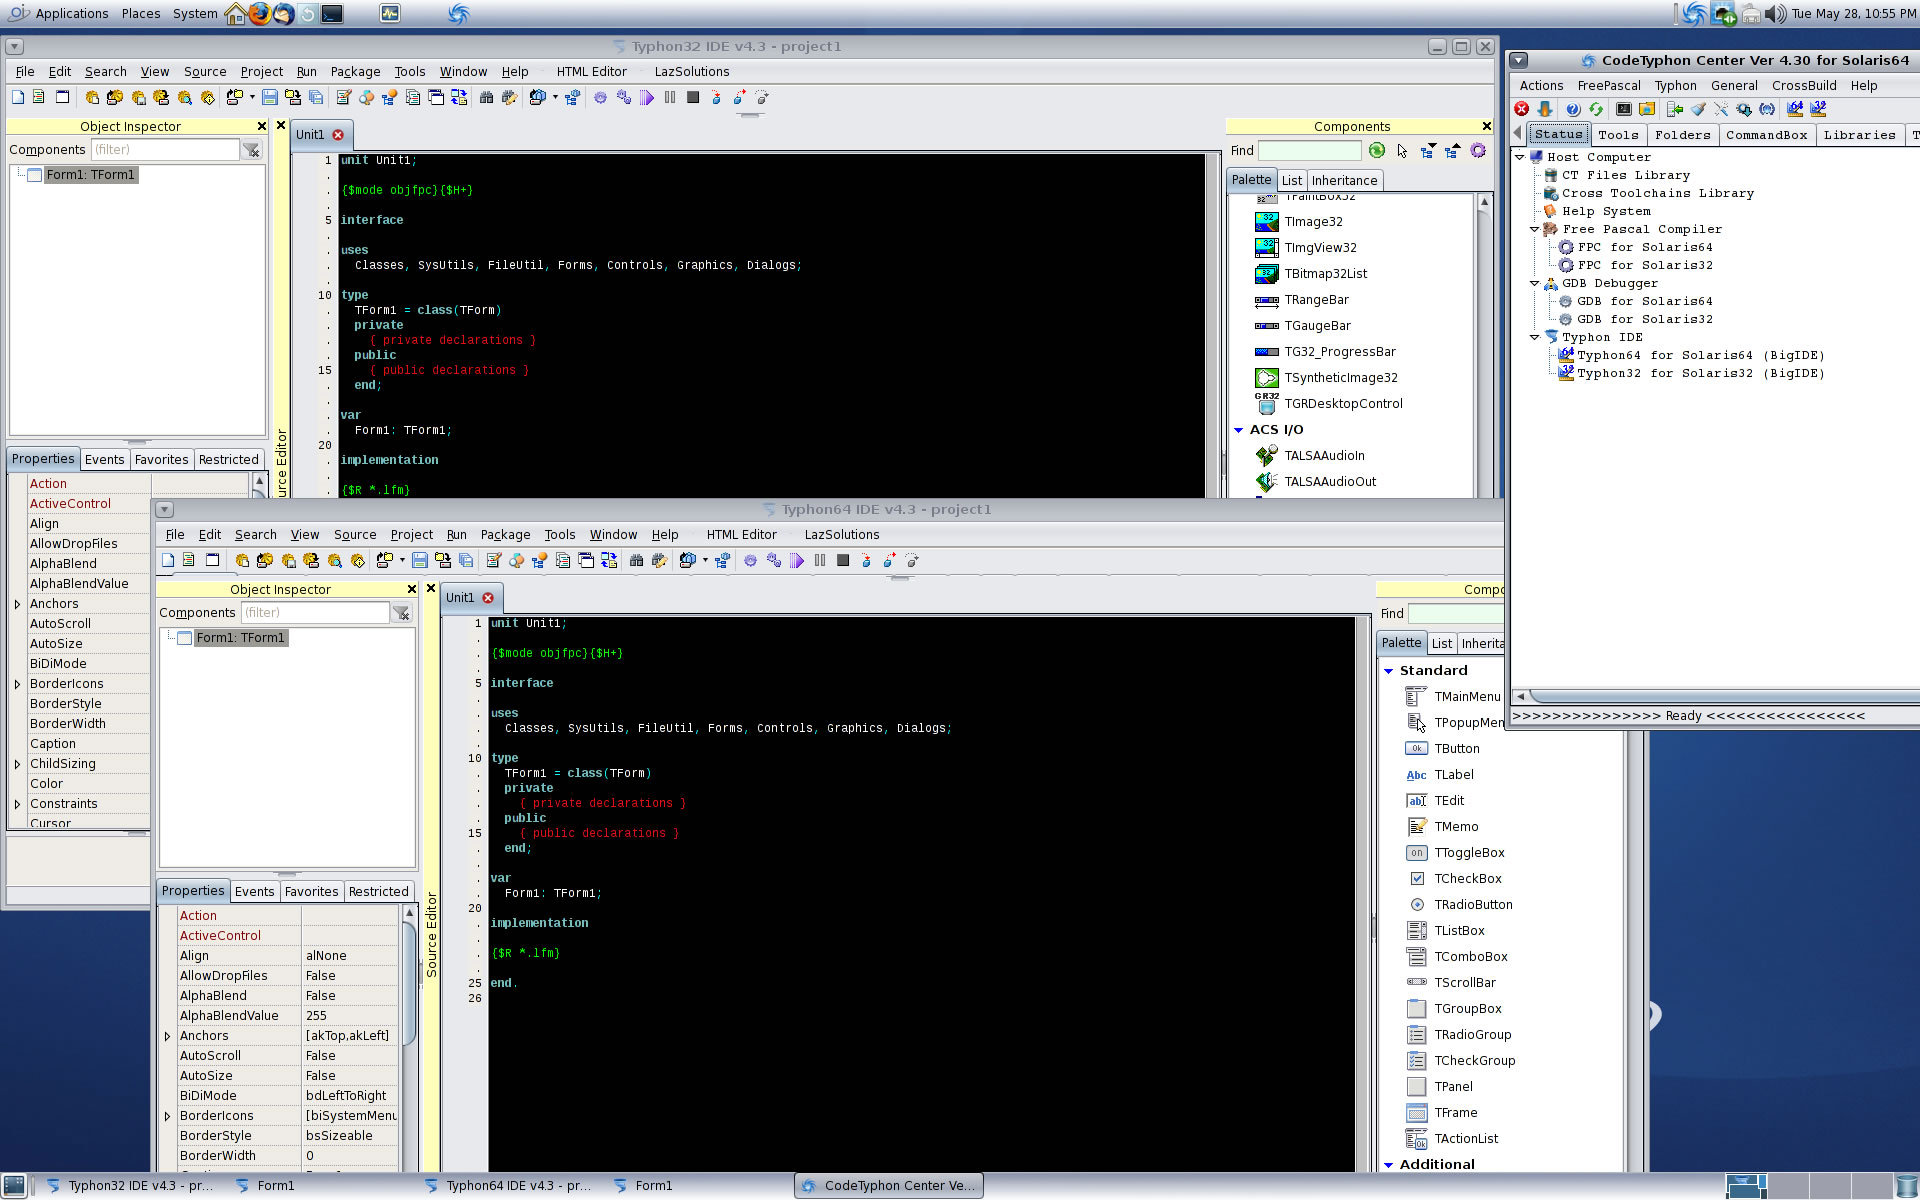 Screenshot_2013-05-28.jpg